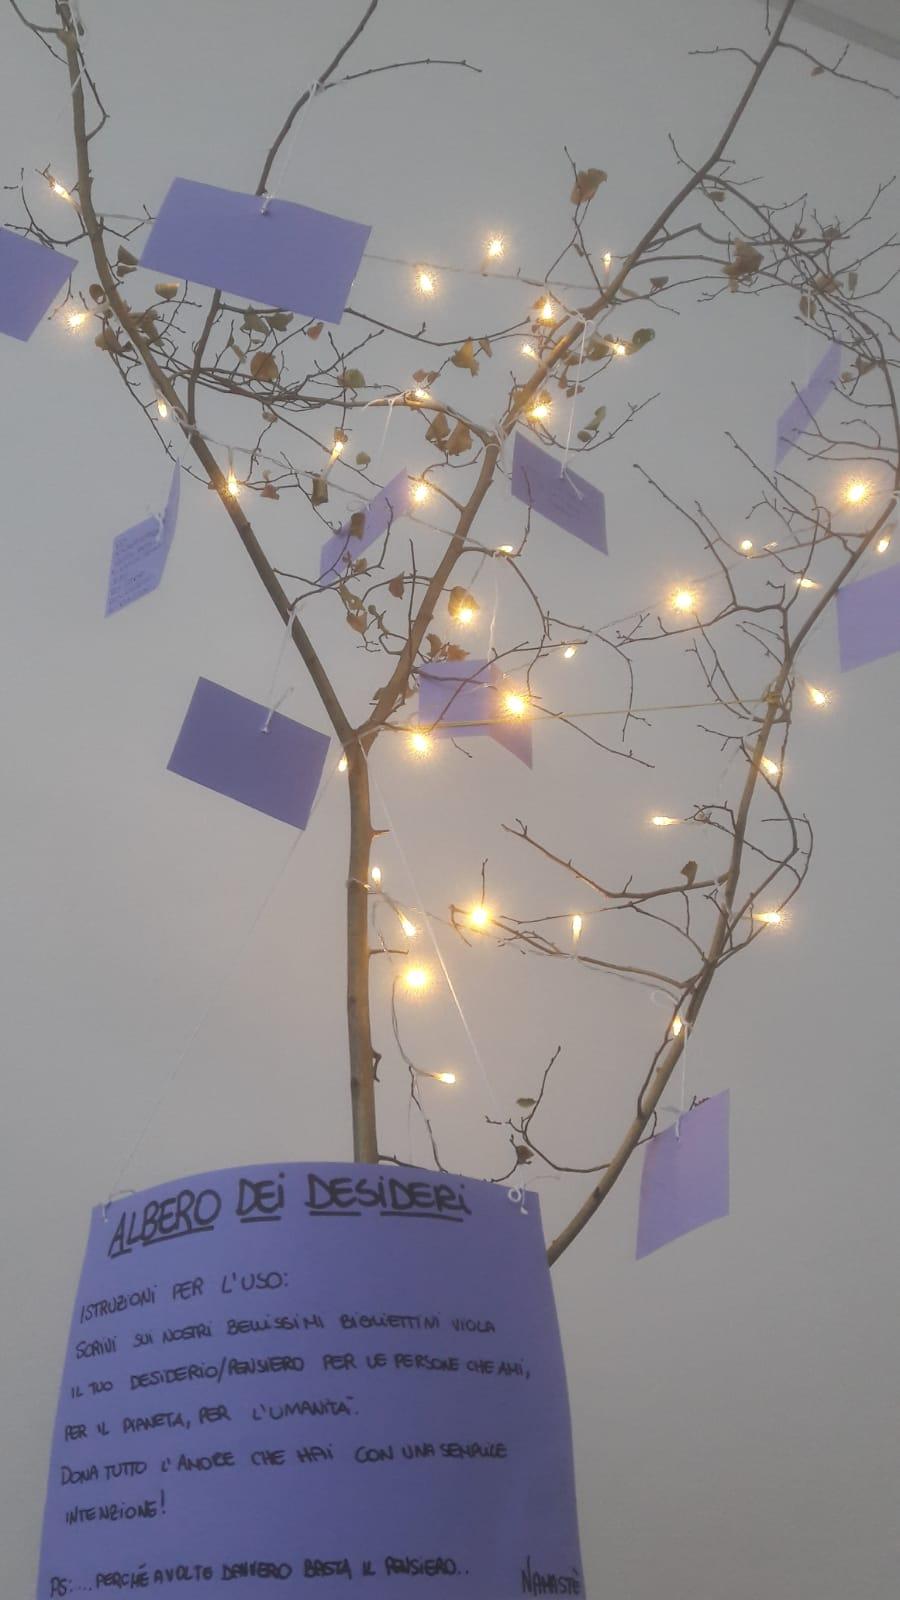 eyeb essere yoga e benessere alassio natale 2018 - albero dei desideri